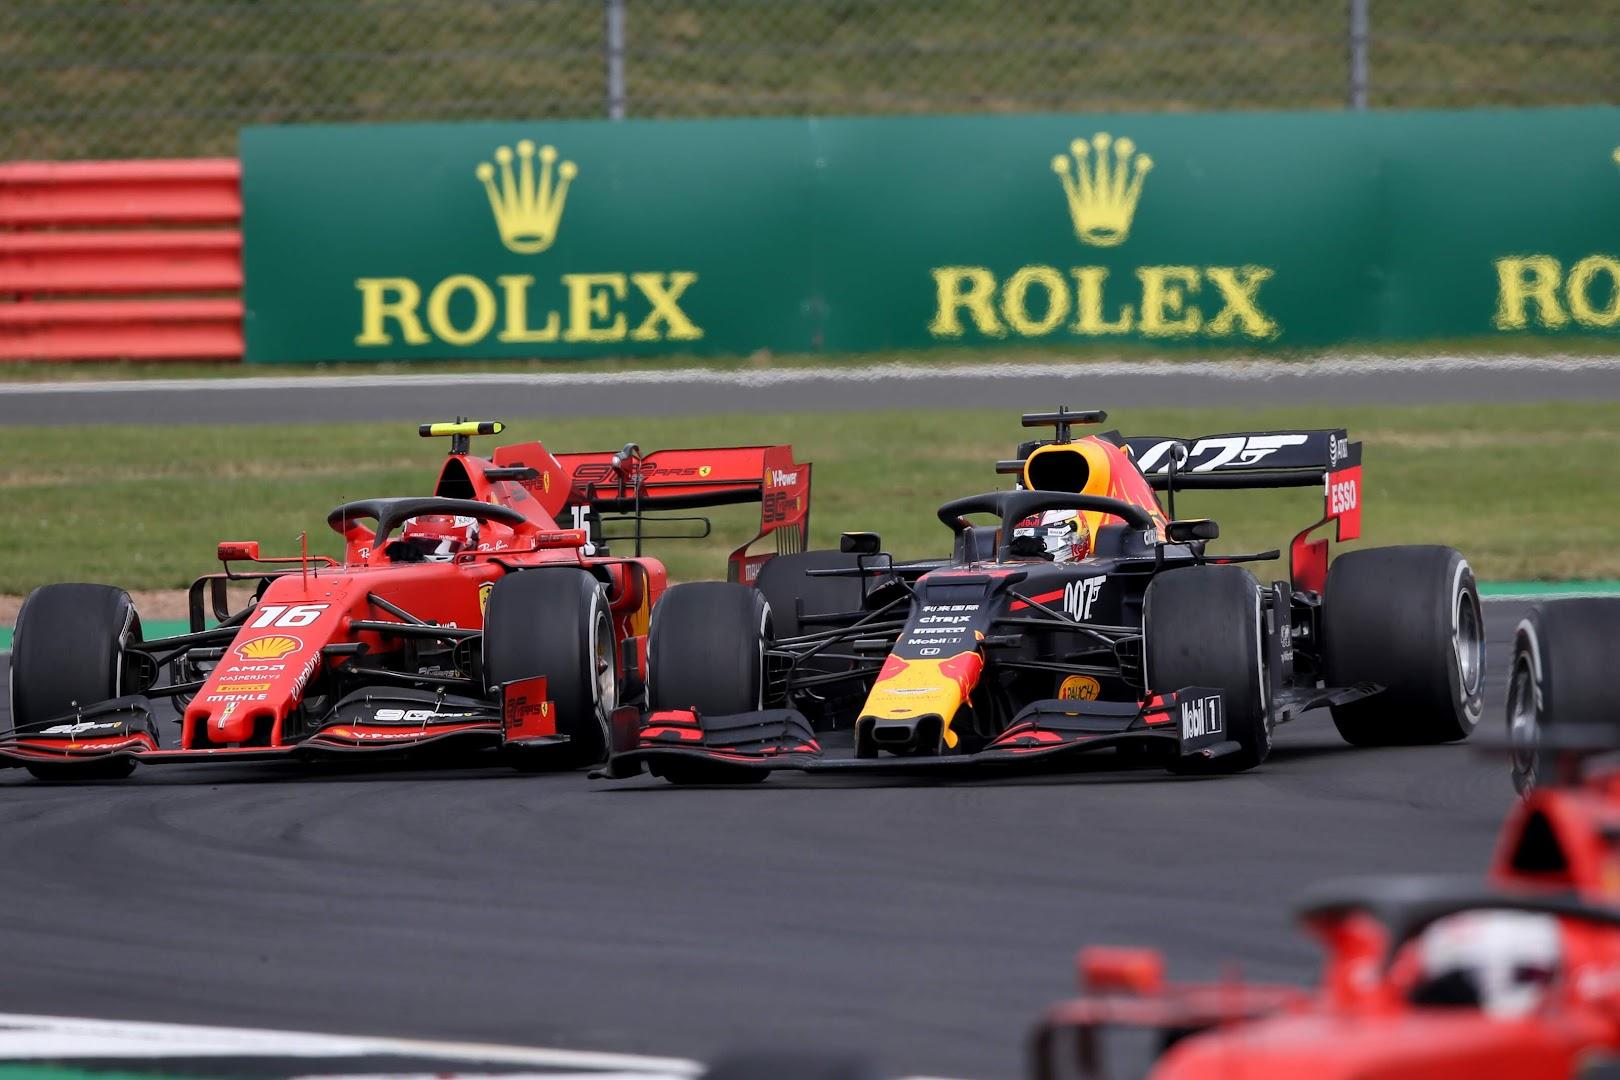 F1第10戦イギリスGP、フェルスタッペンvsルクレール